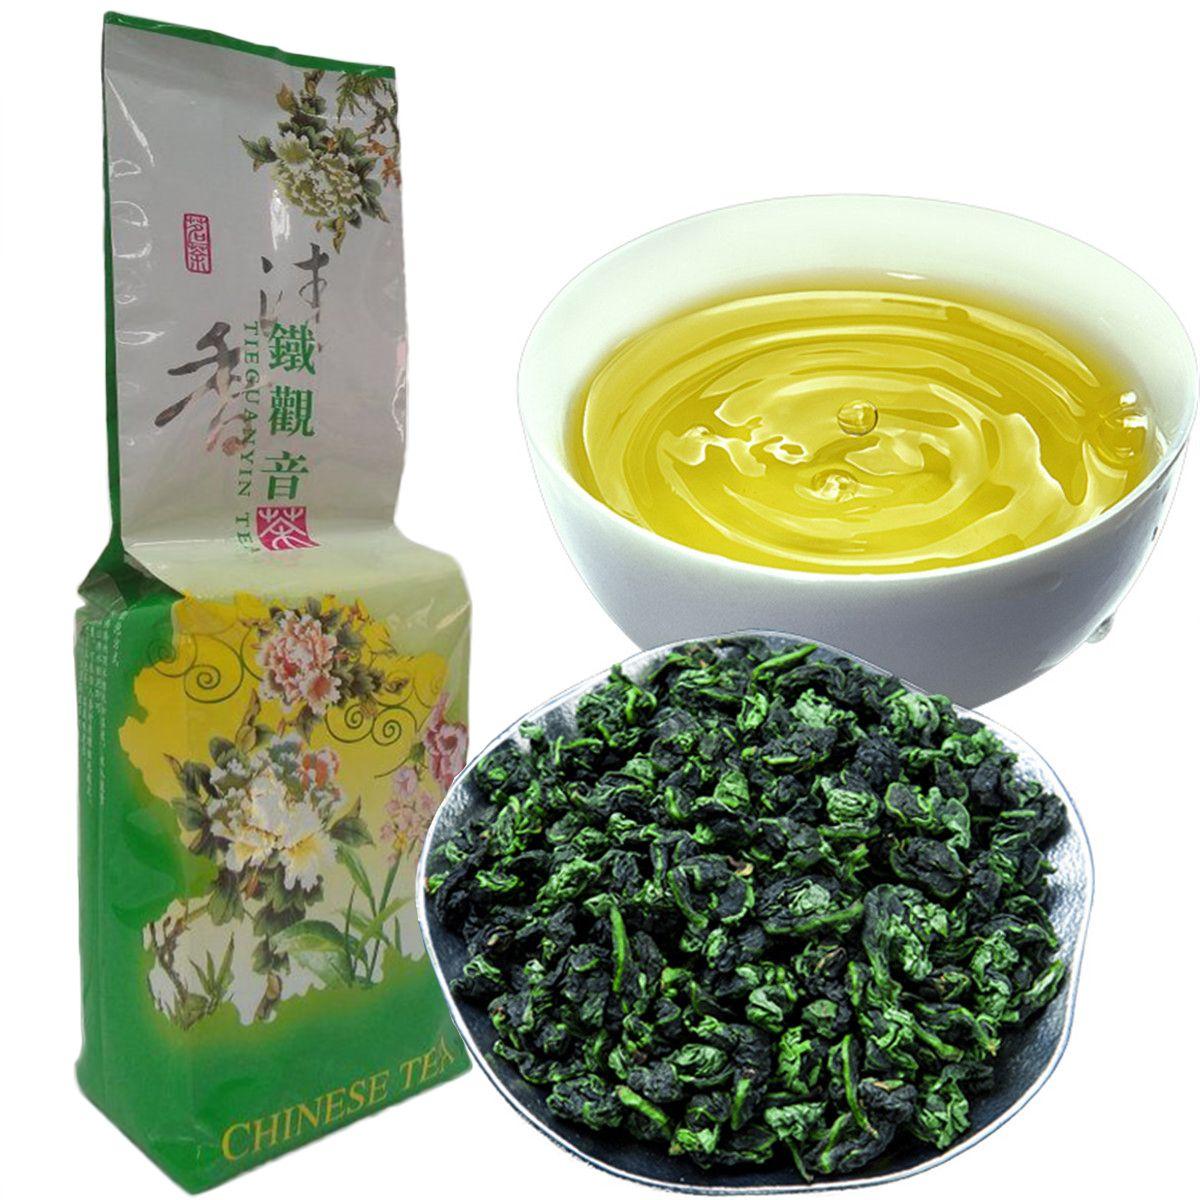 250g Promotion Vakuum Förpackning Premium Doftande Typ Traditionell Kinesisk Mjölk Oolong Te Tikuanyin Grön Te Hälsovård Tieguanyin Tea